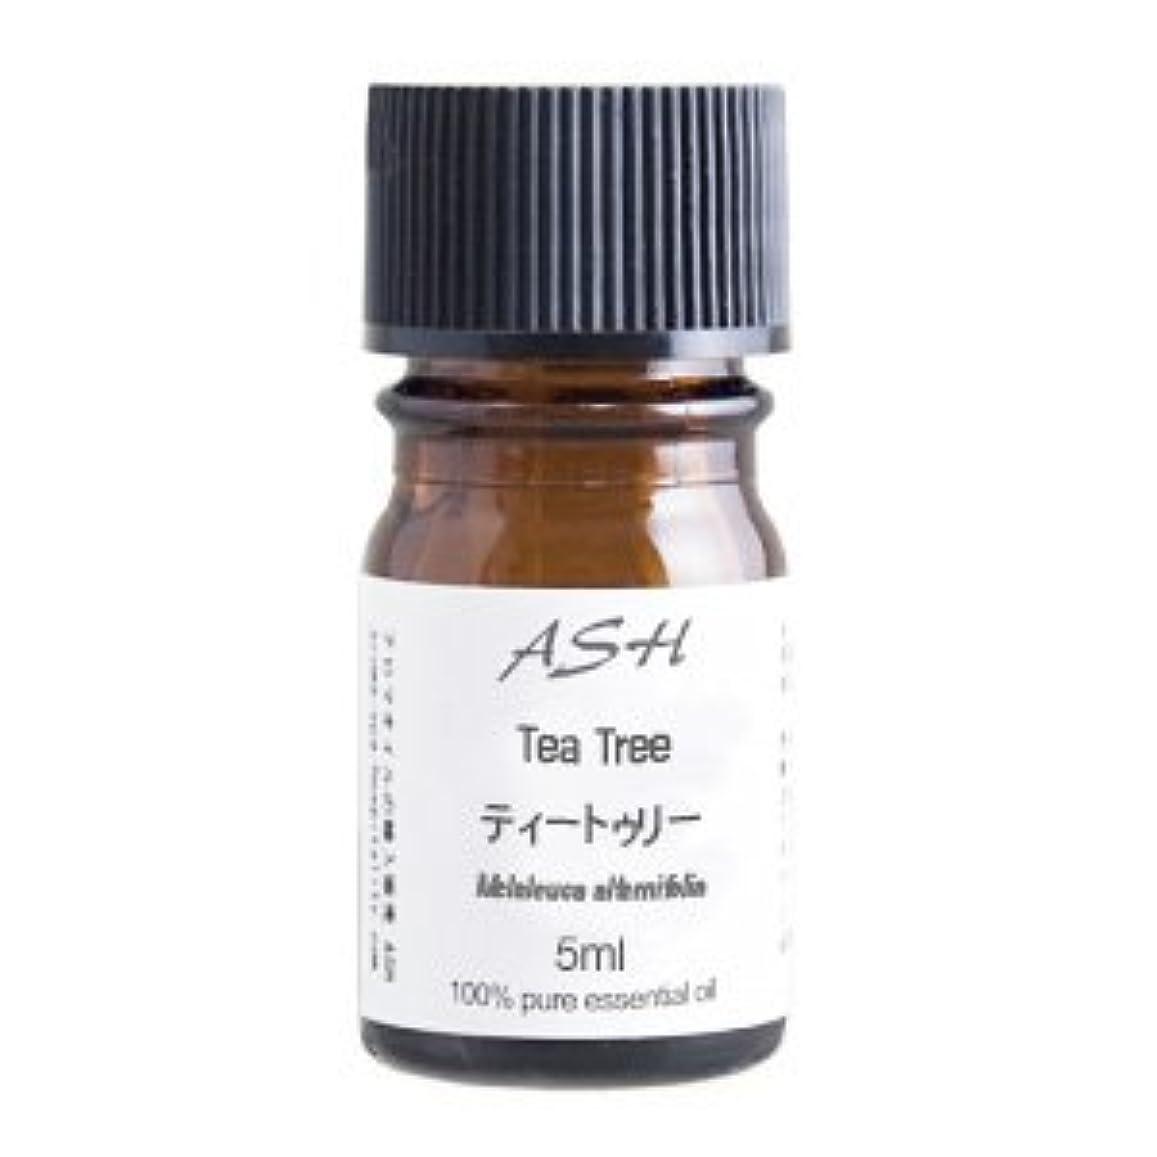 ビル多様性エジプト人ASH ティートゥリー (ティーツリー) エッセンシャルオイル 5ml AEAJ表示基準適合認定精油